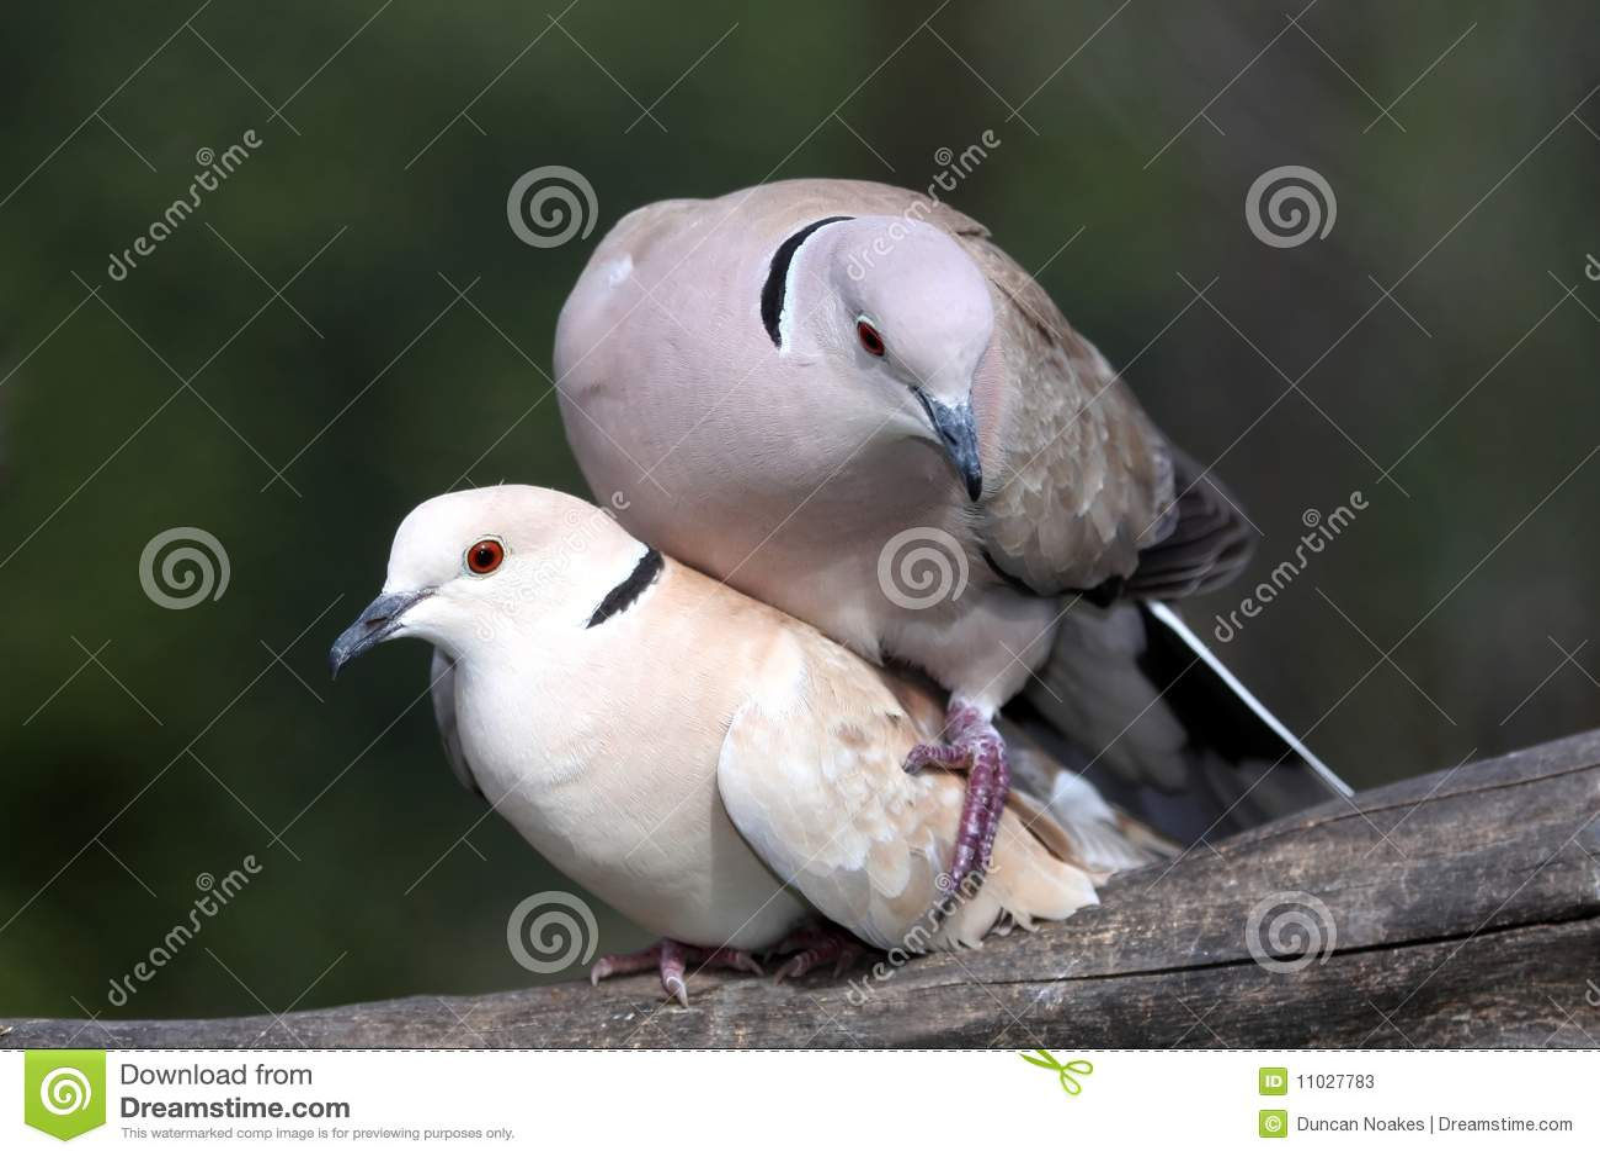 Трахаются два голубка